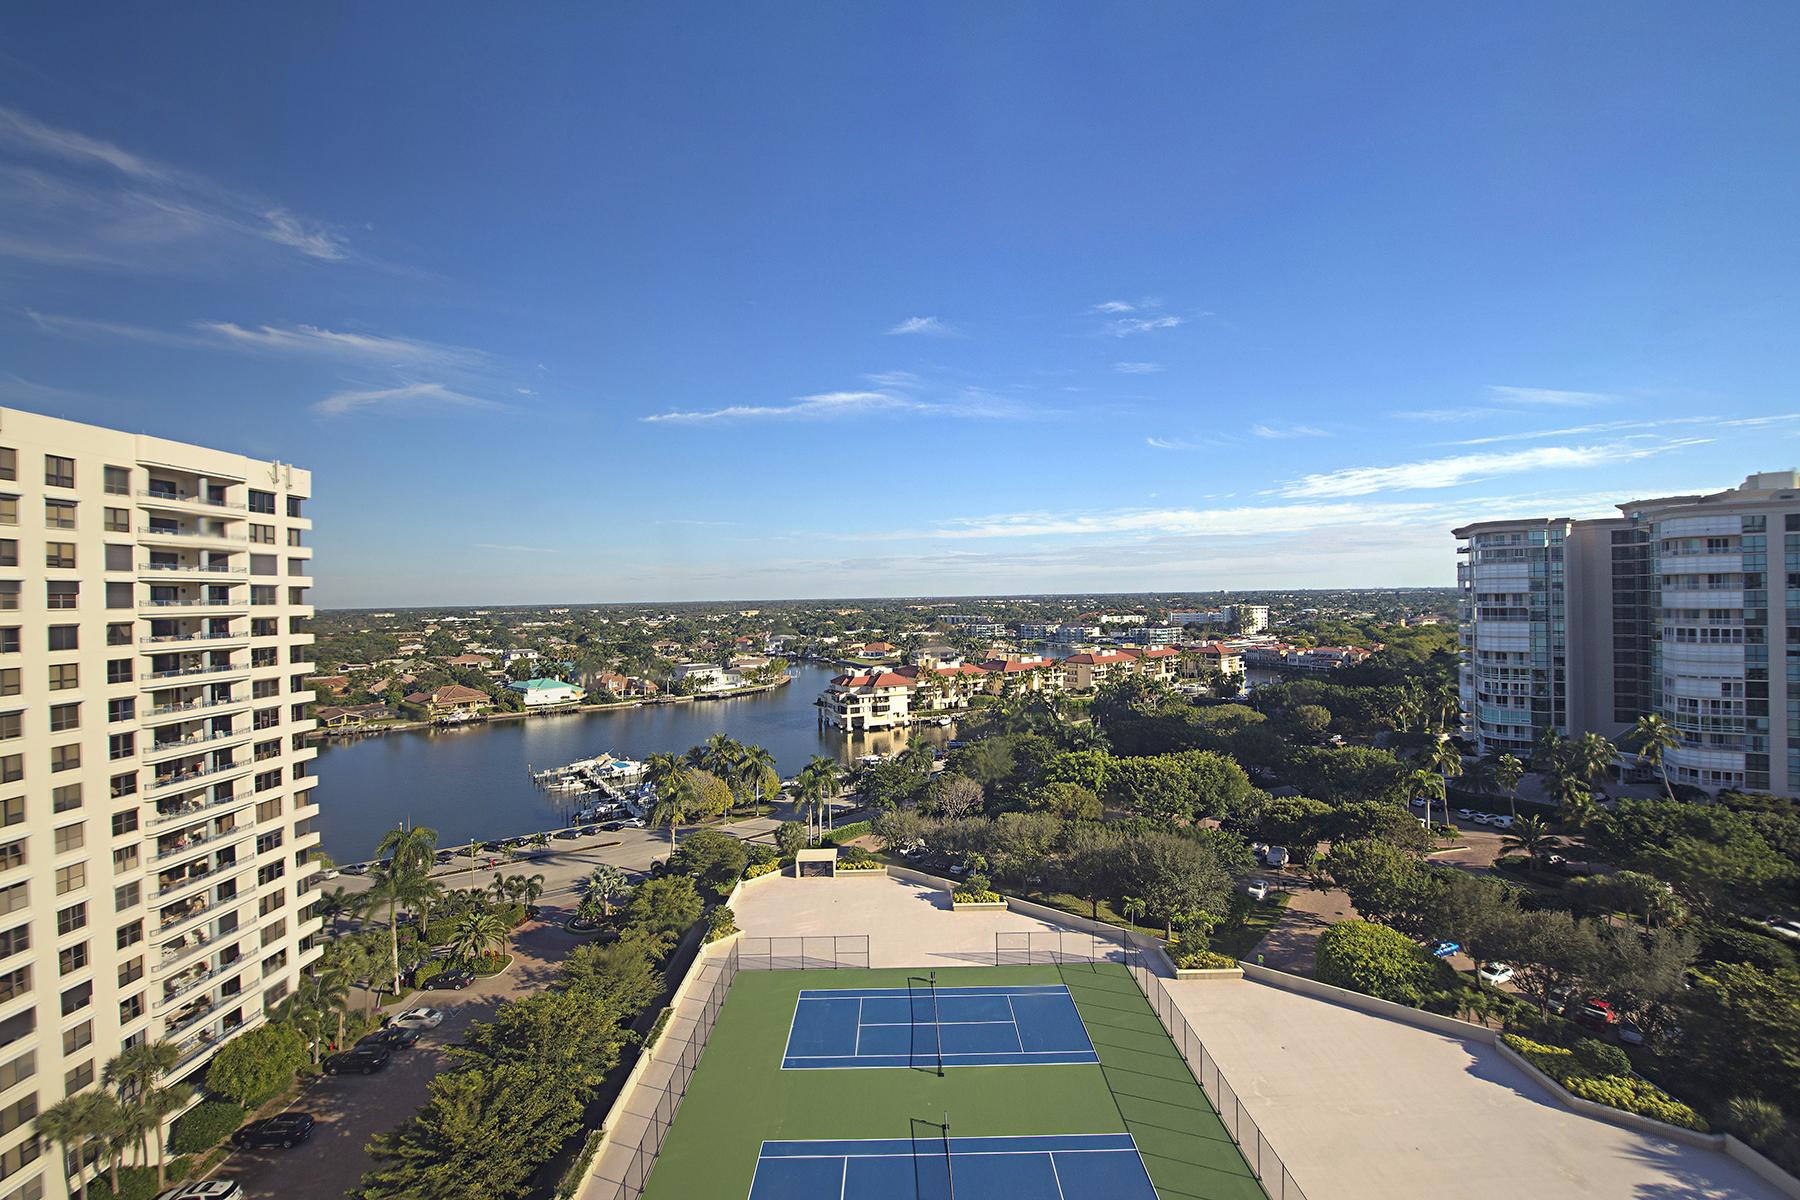 Condomínio para Venda às PARK SHORE 4401 Gulf Shore Blvd N 1606 Naples, Florida 34103 Estados Unidos